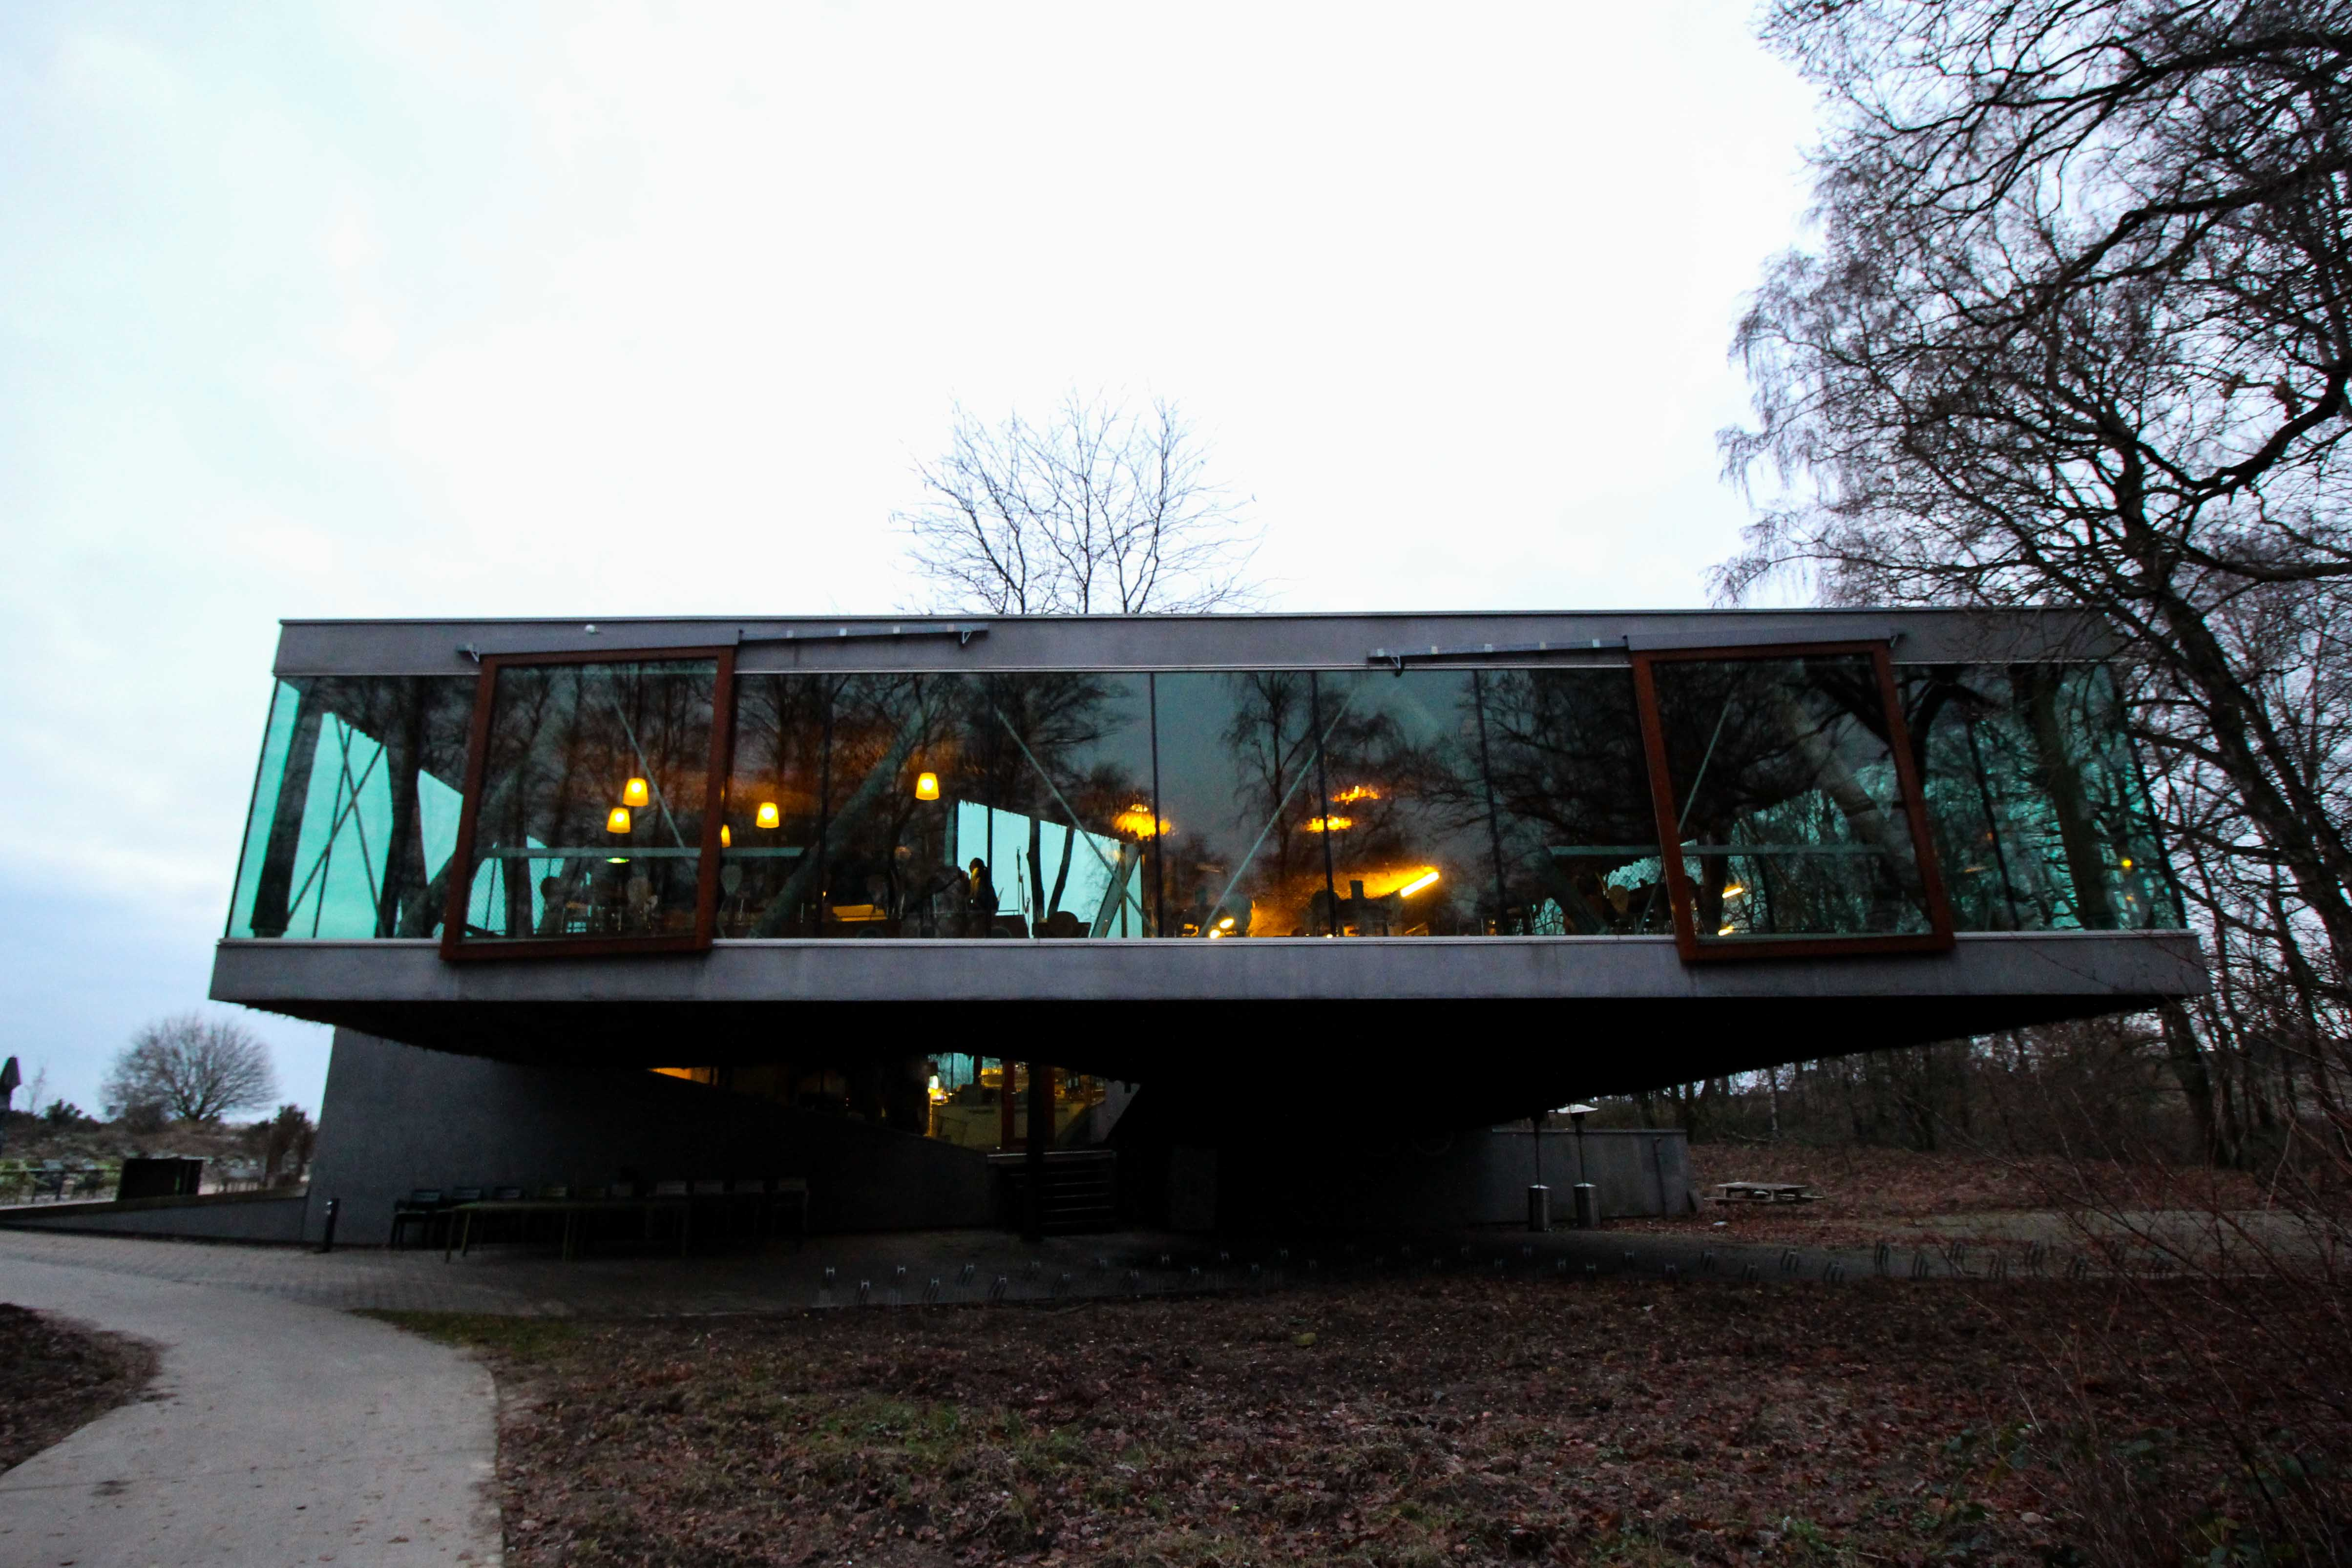 Wochenendtrip Holland das andere Holland Nationalpark Veluwe Transferium Posbank Cafe Restaurant Reiseblog